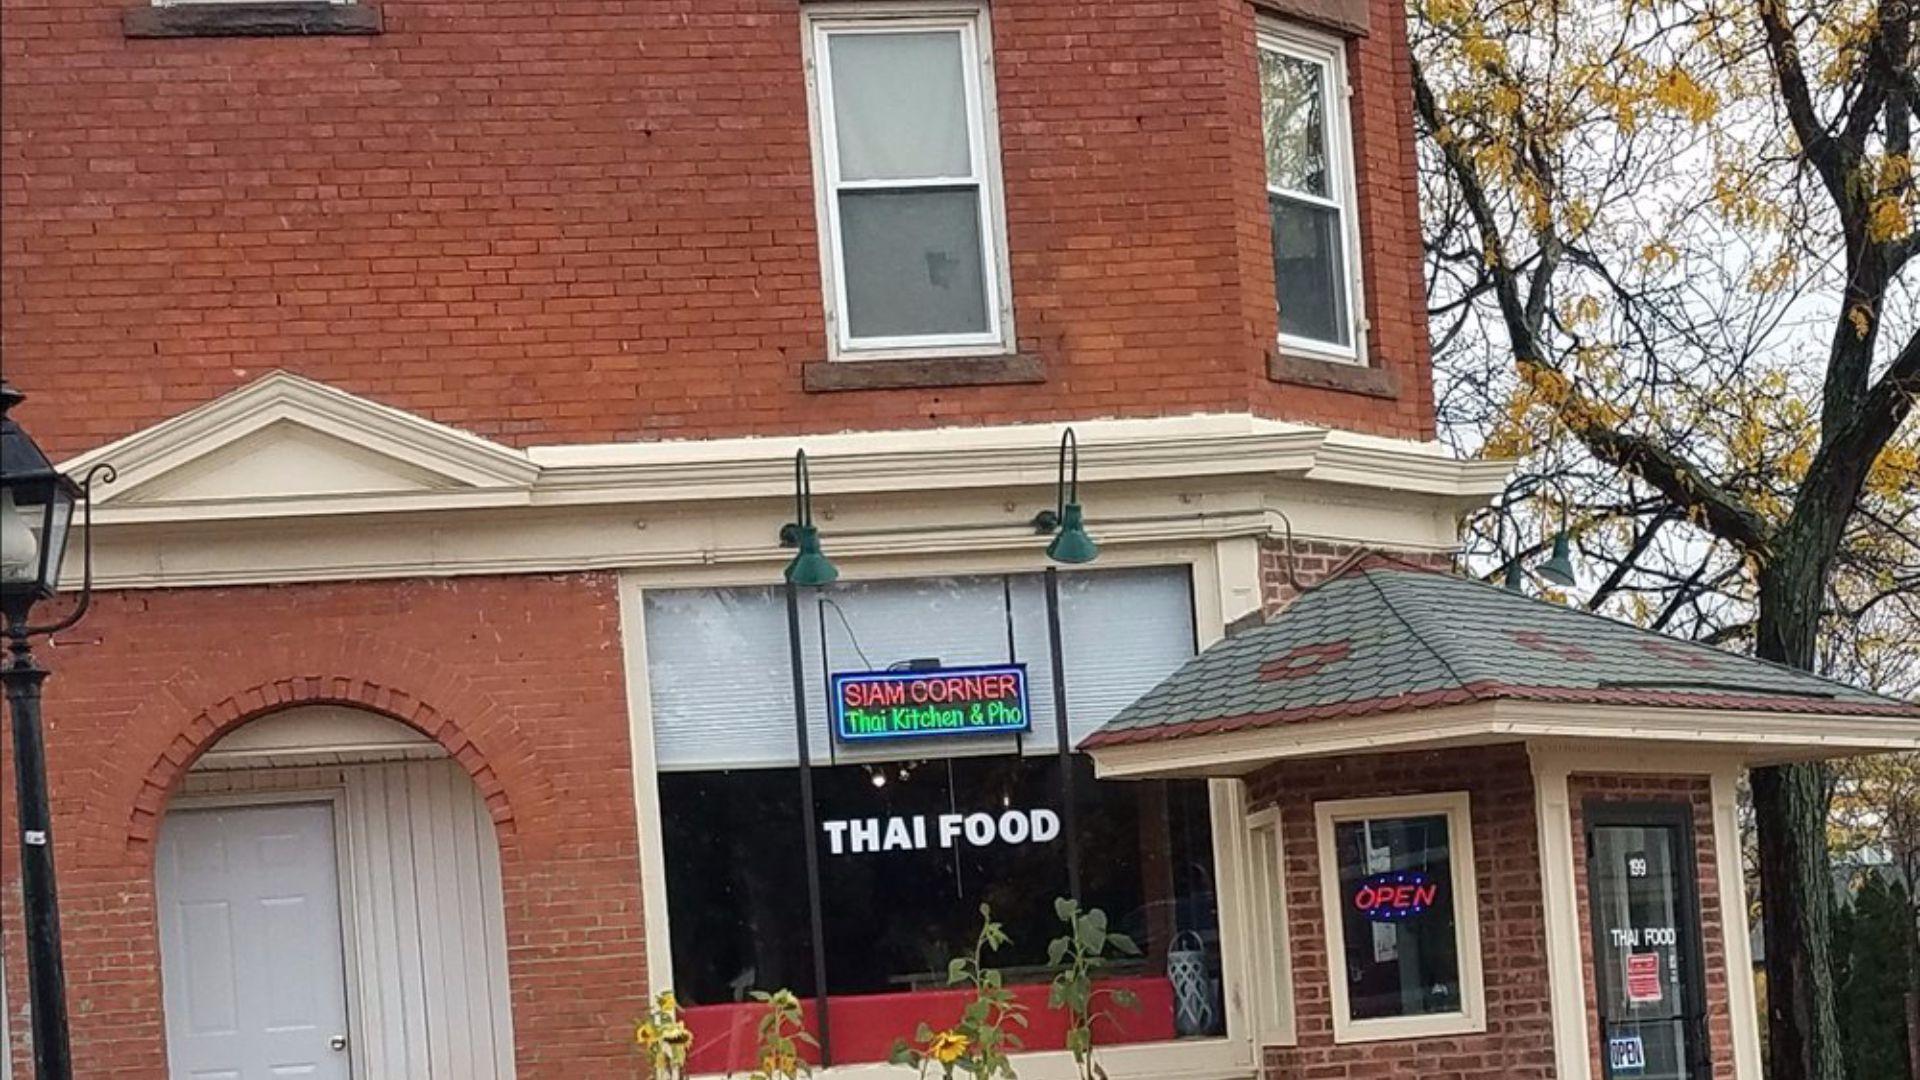 El restaurante de comida tailandesa cerró indefinidamente, hasta que finalicen las investigaciones (Foto: Yelp)